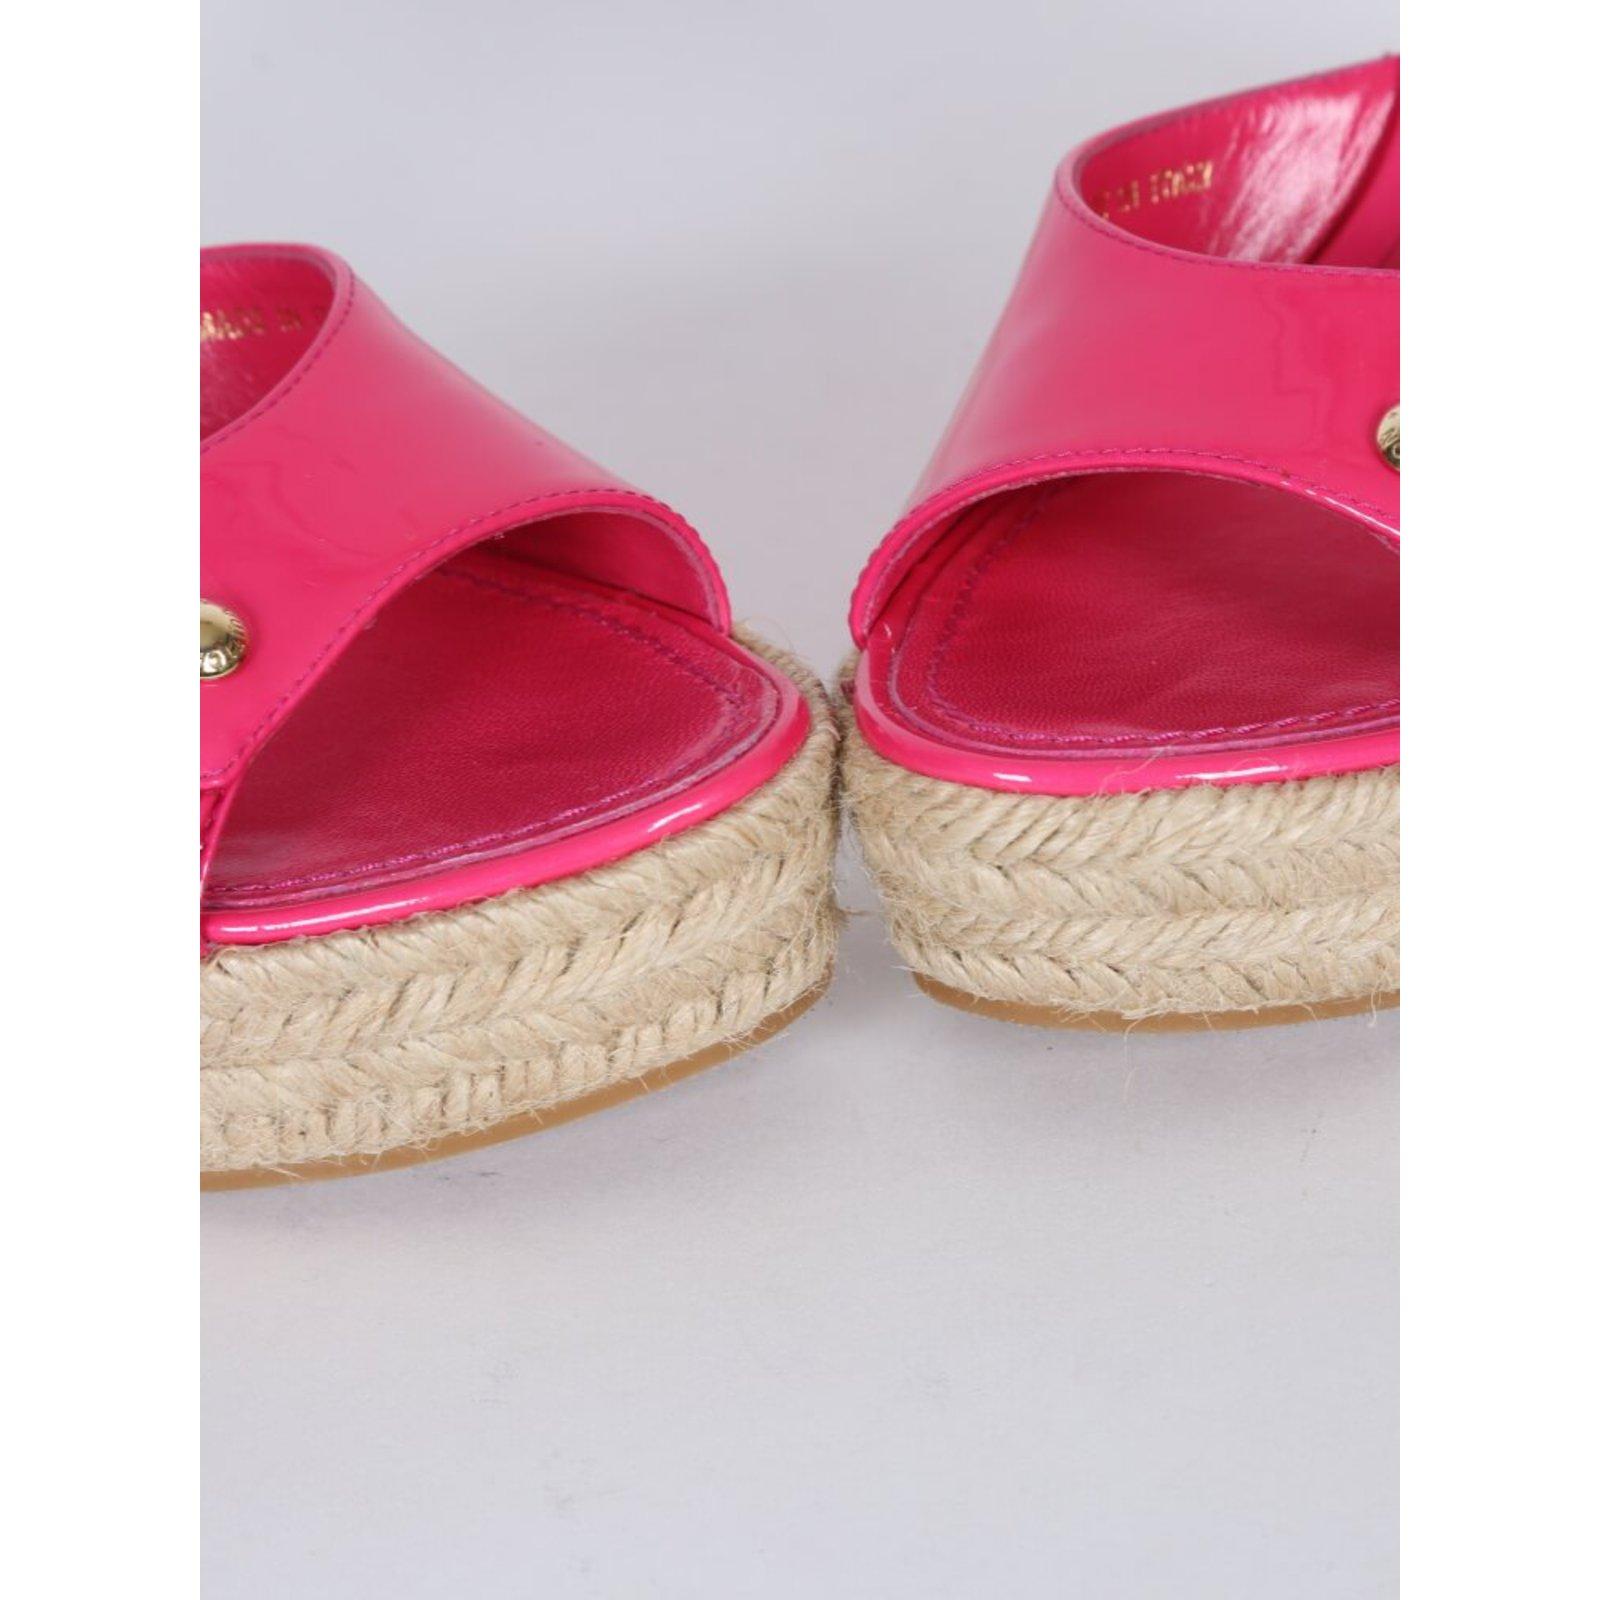 c54851b5efb1 Louis Vuitton sandals Sandals Patent leather Pink ref.76998 - Joli Closet